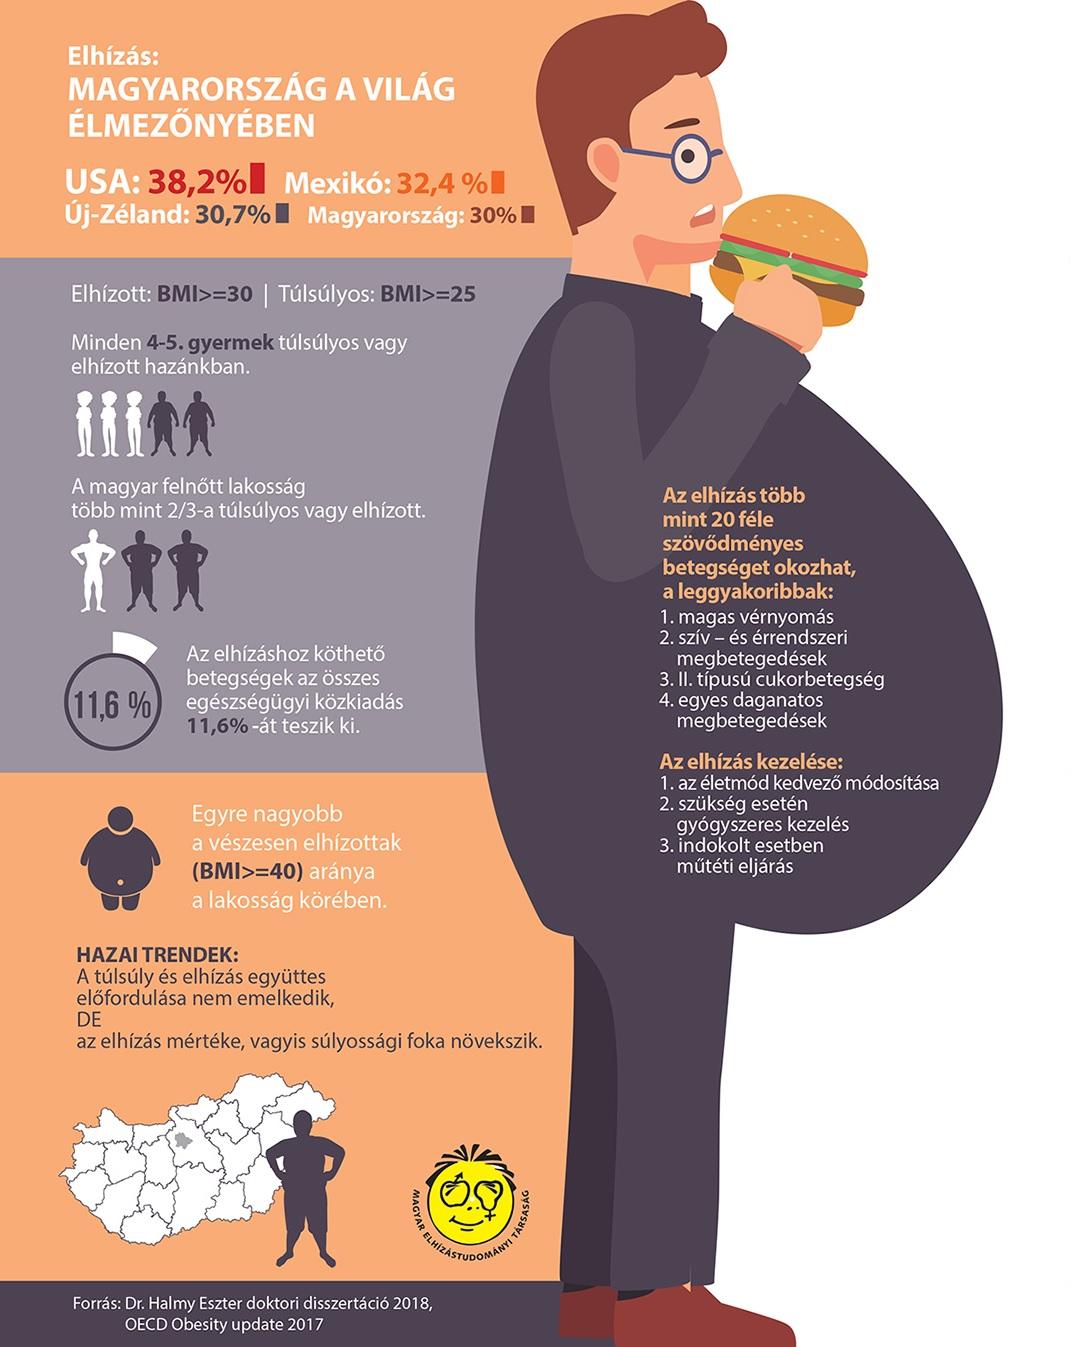 elhízás és magas vérnyomás